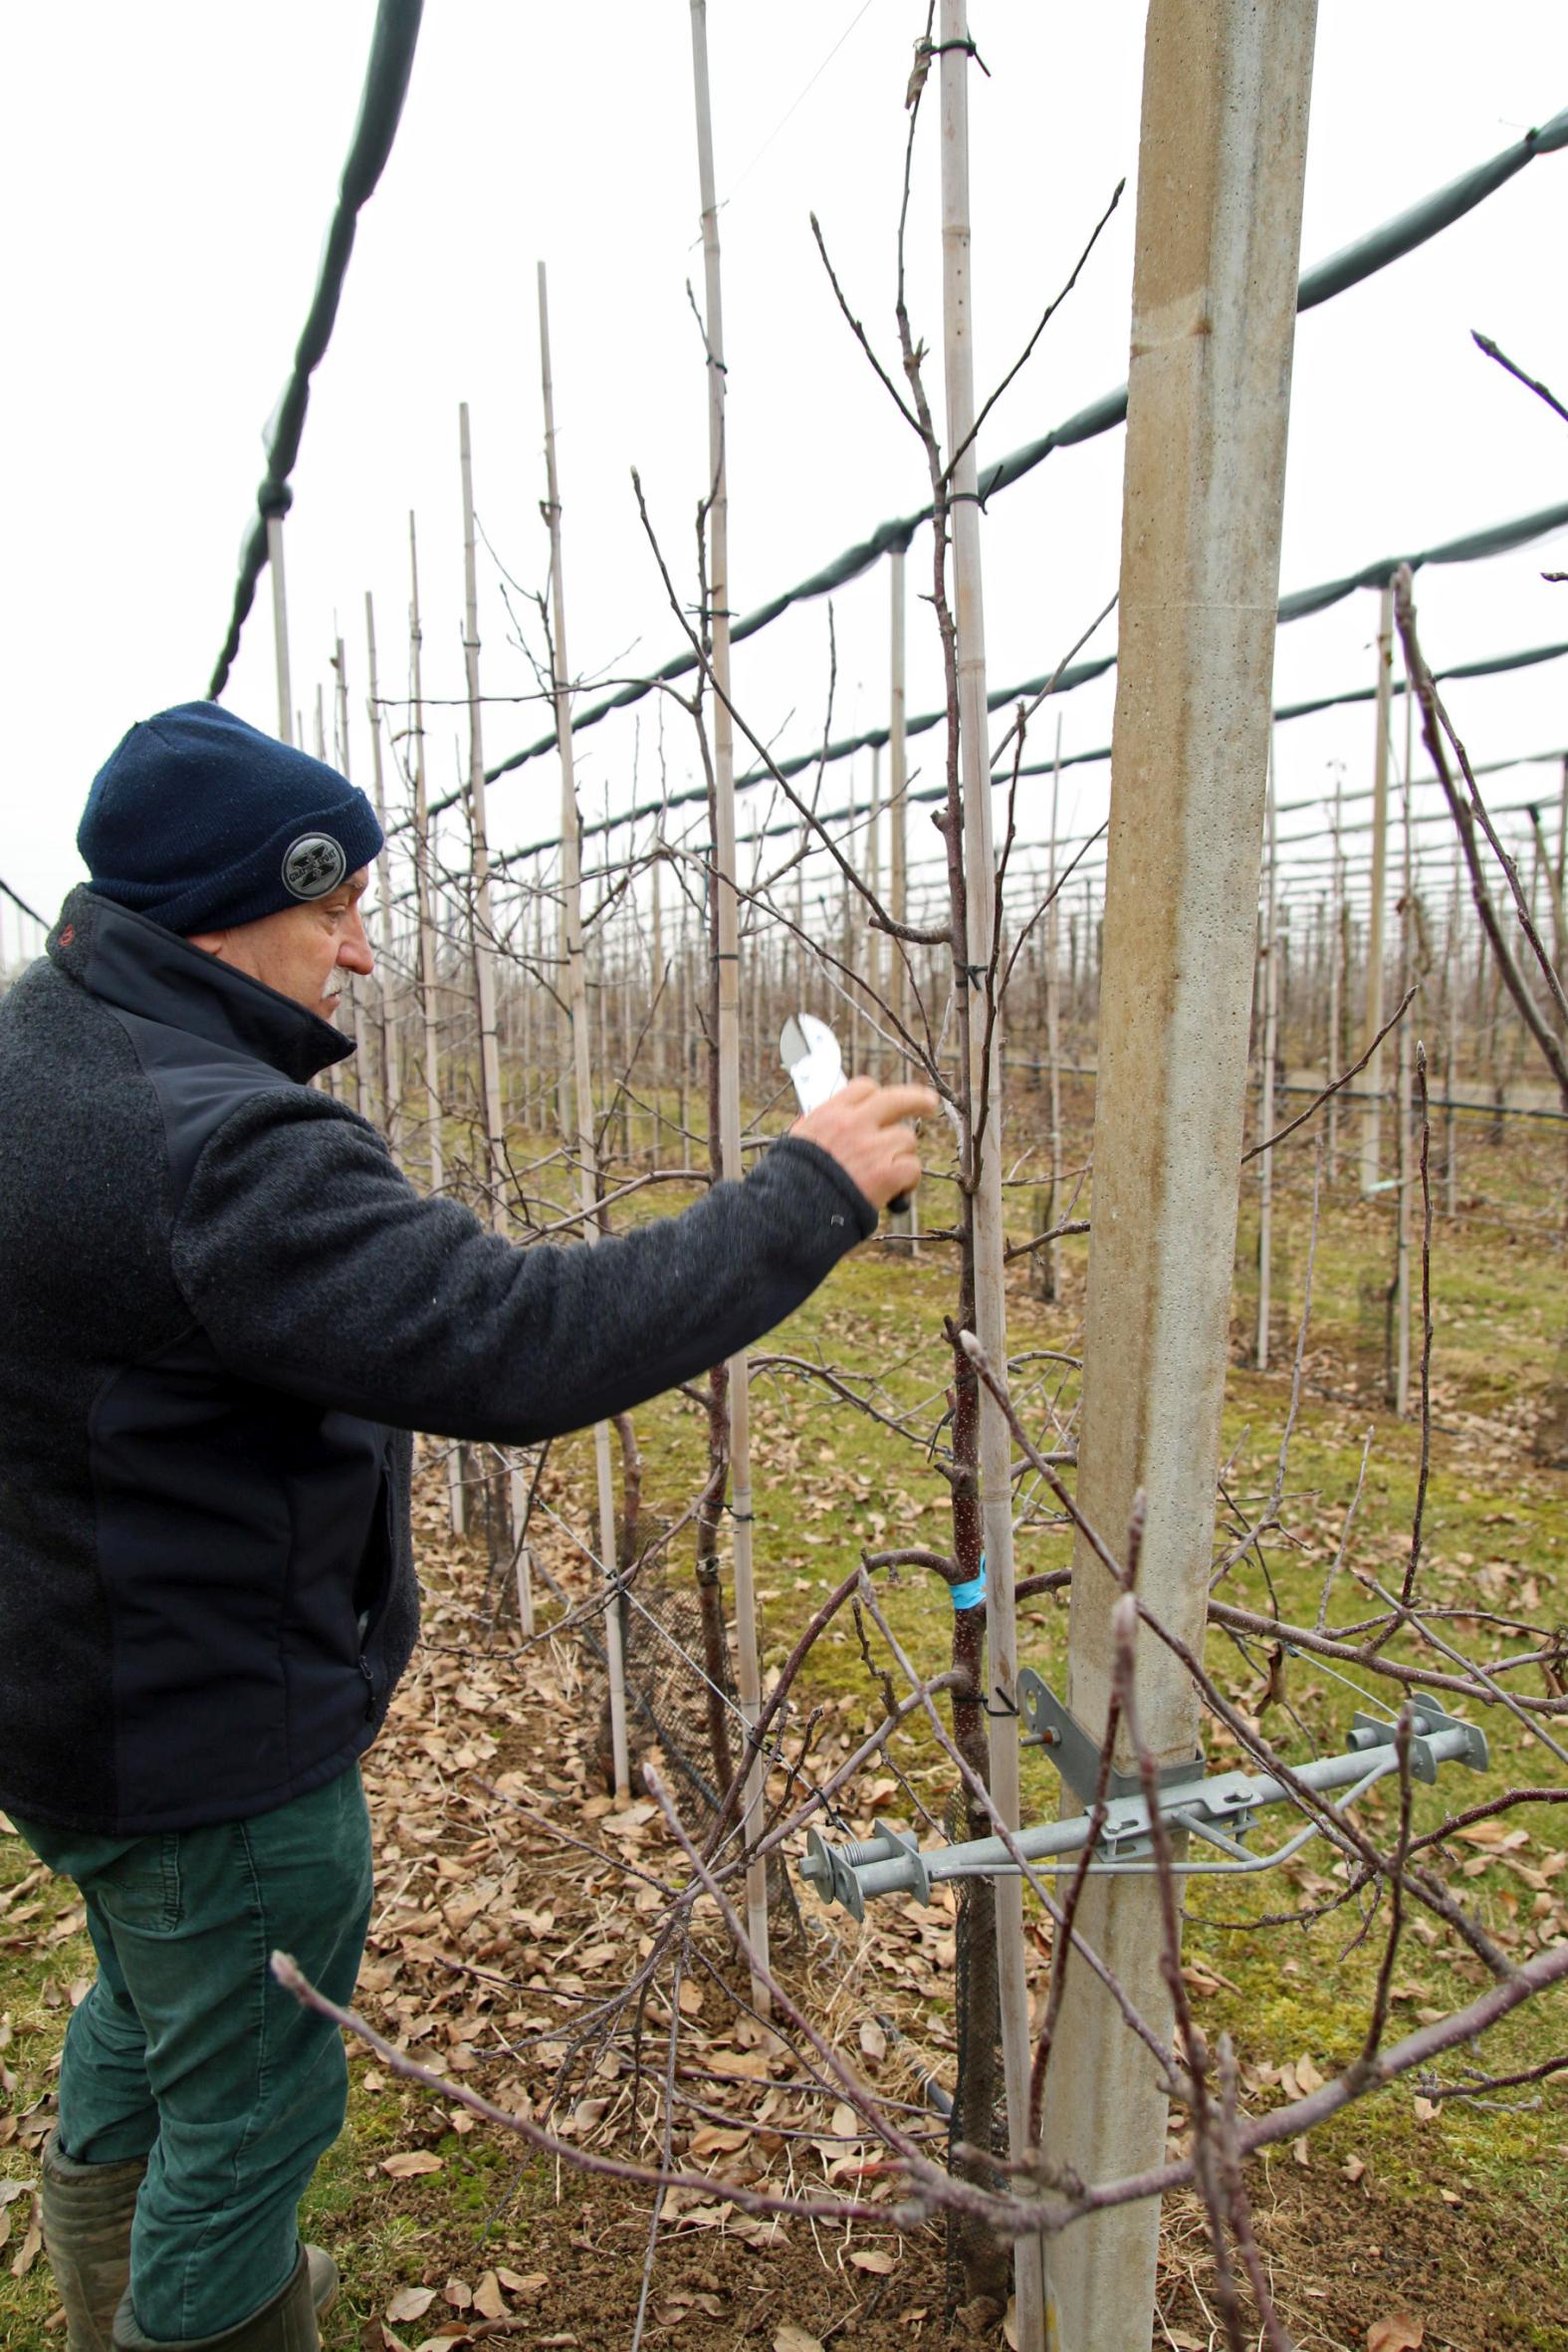 Der Obstbauer pflegt und erzieht seine Bäume